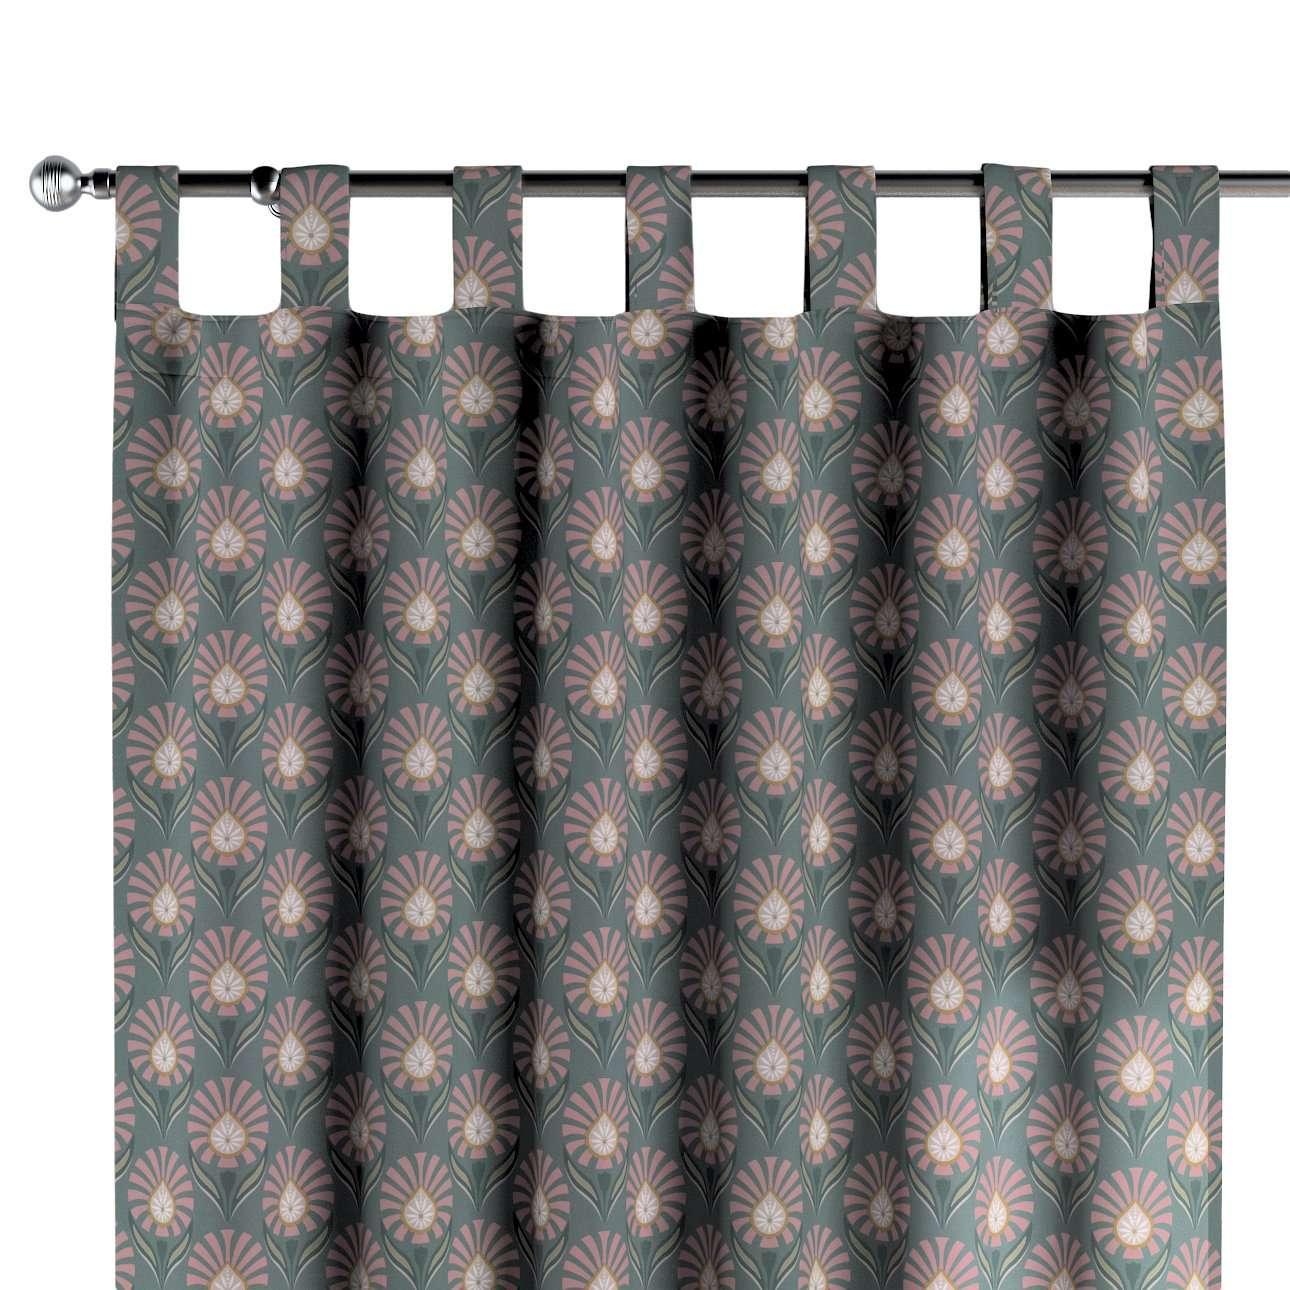 Závěs na poutka v kolekci Gardenia, látka: 142-17